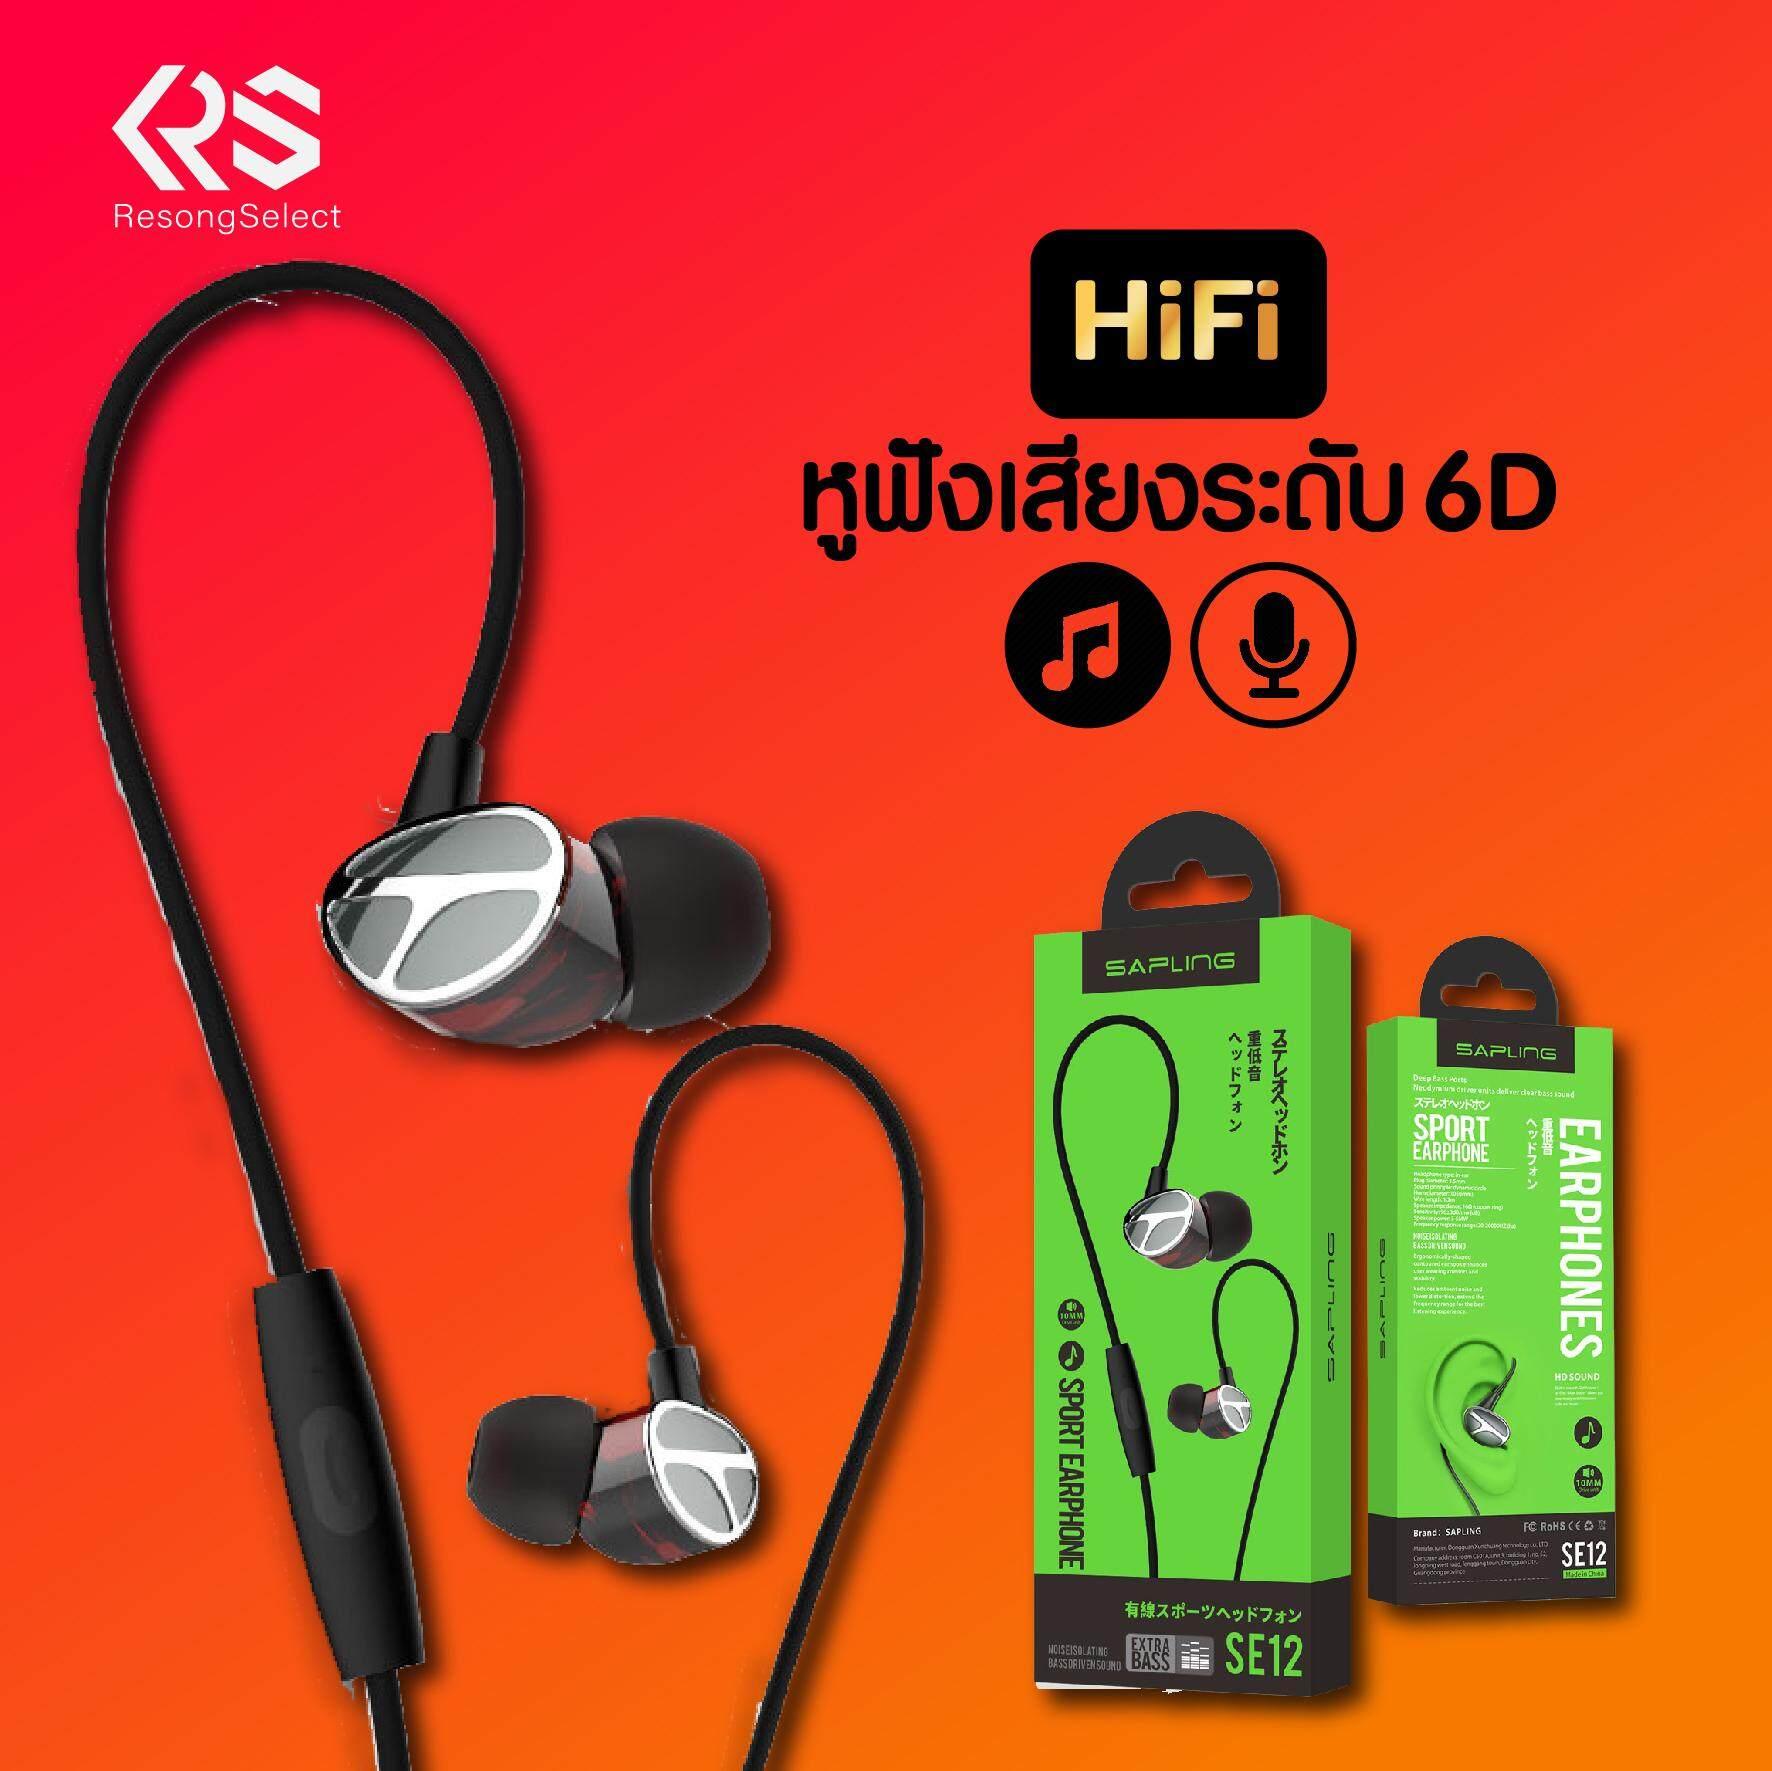 หูฟังเกมมิ่ง In Ear Sapling Se12 Earphone หูฟังเพลง 3.5mm เเจ็คตัวl เบสเเน่น เสียงชัด หูฟังเกมมิ่ง Mobile Extra Bass Earbud ใช้ได้กับมือถือทุกรุ่น For Iphone Pc Xiaomi Oppo Samsung Vivo Huawei Hifi คุณภาพเสียงอย่างดี ของขวัญปีใหม่.